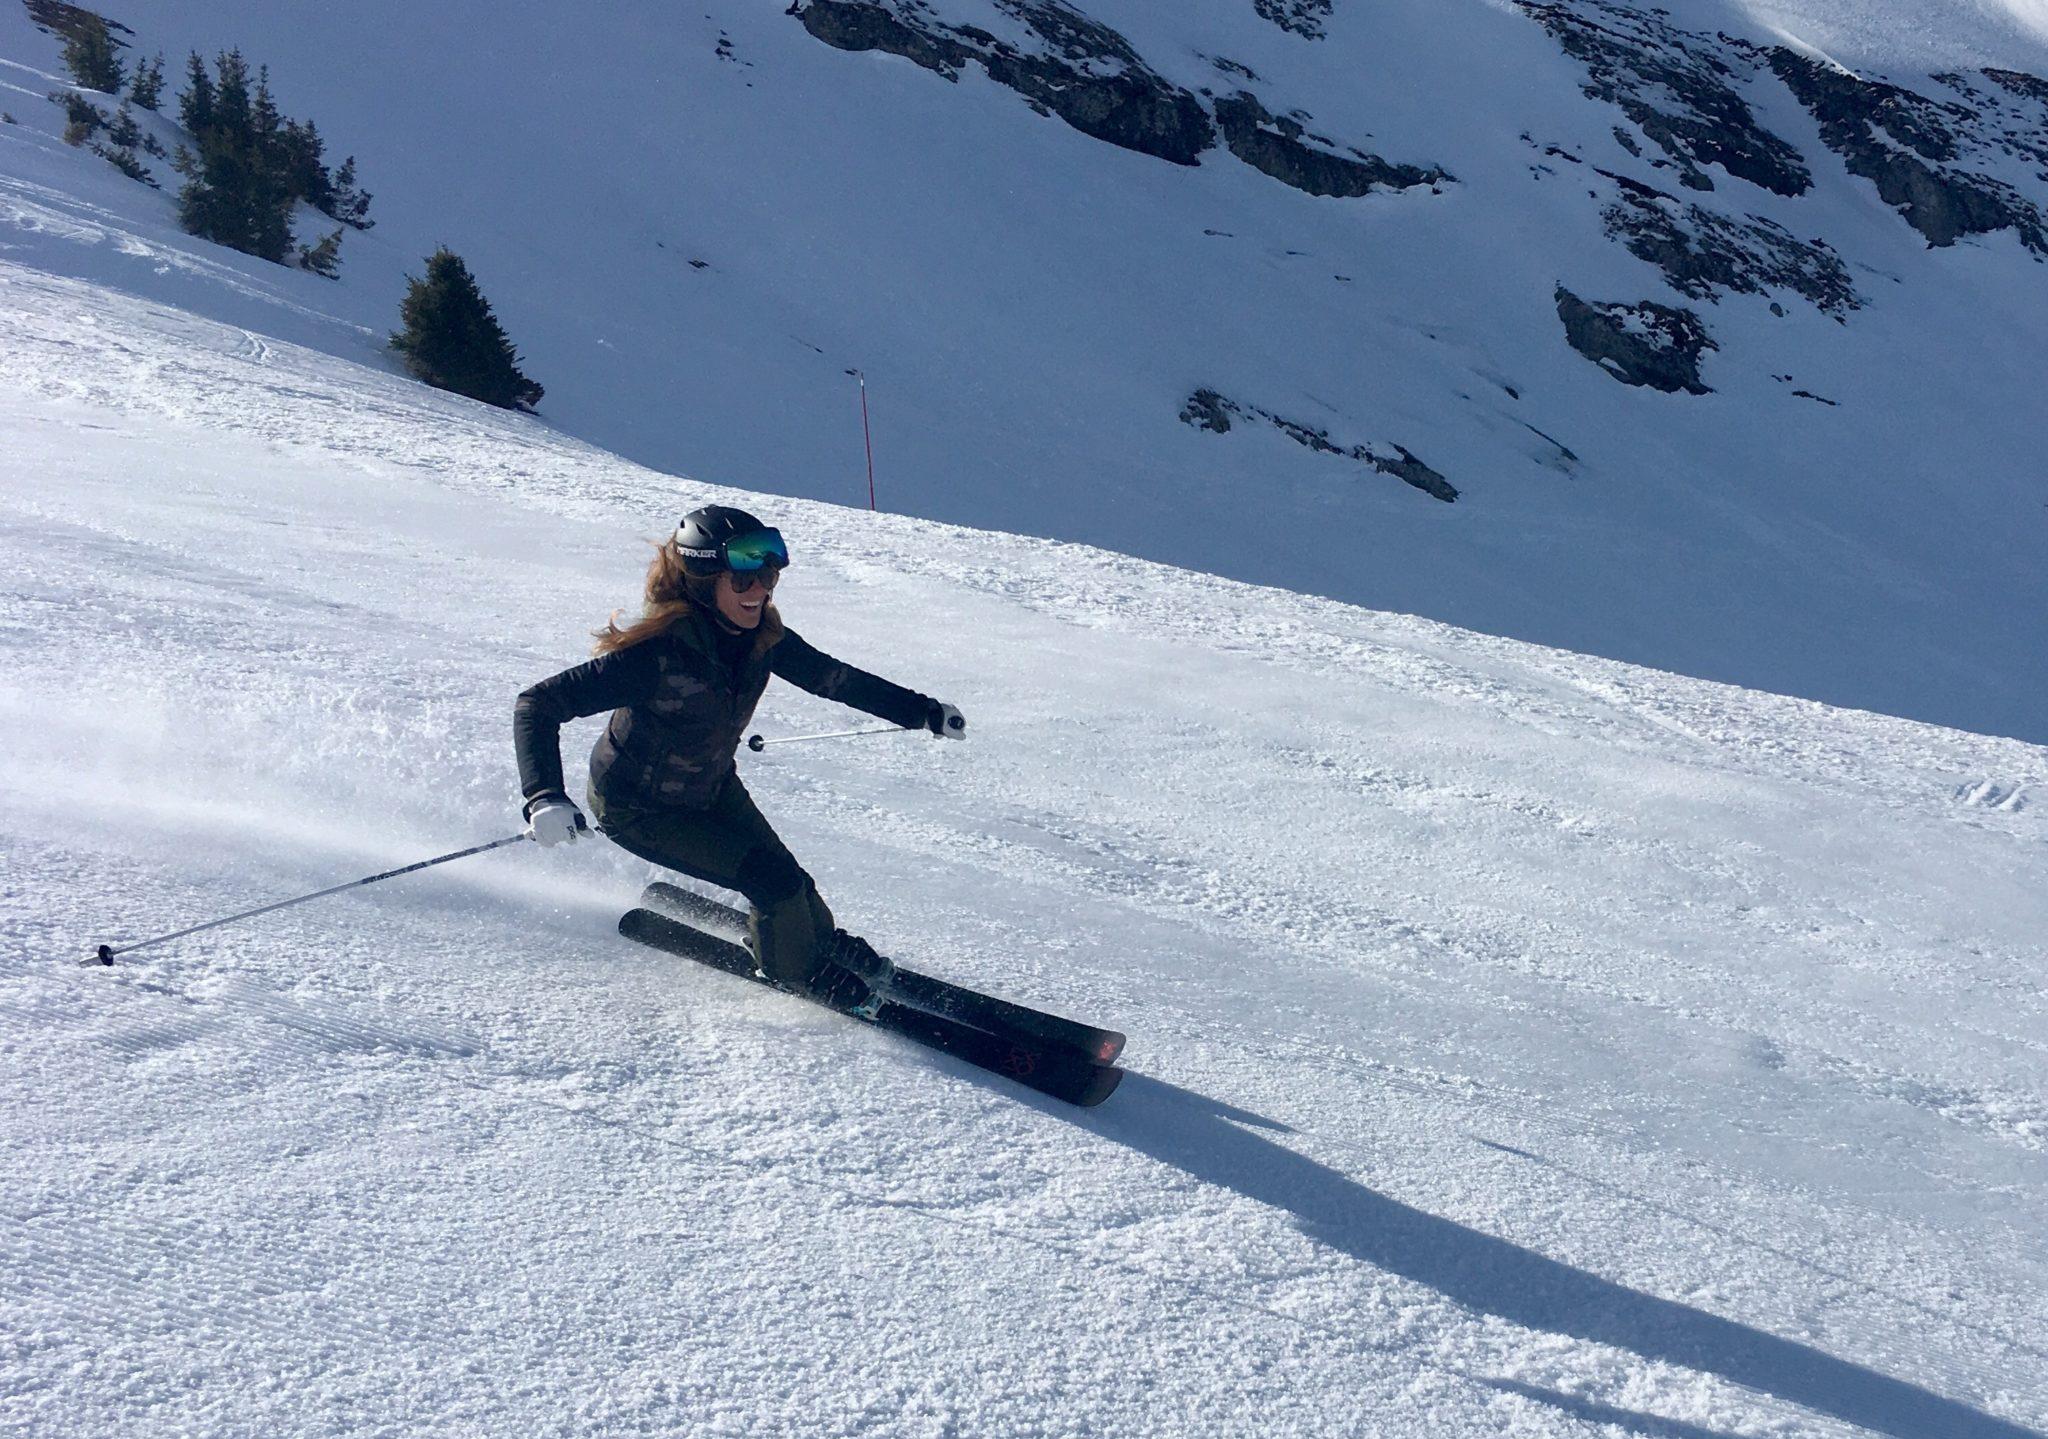 femme-montagne-la_clusaz-athlete-monitrice_de_ski